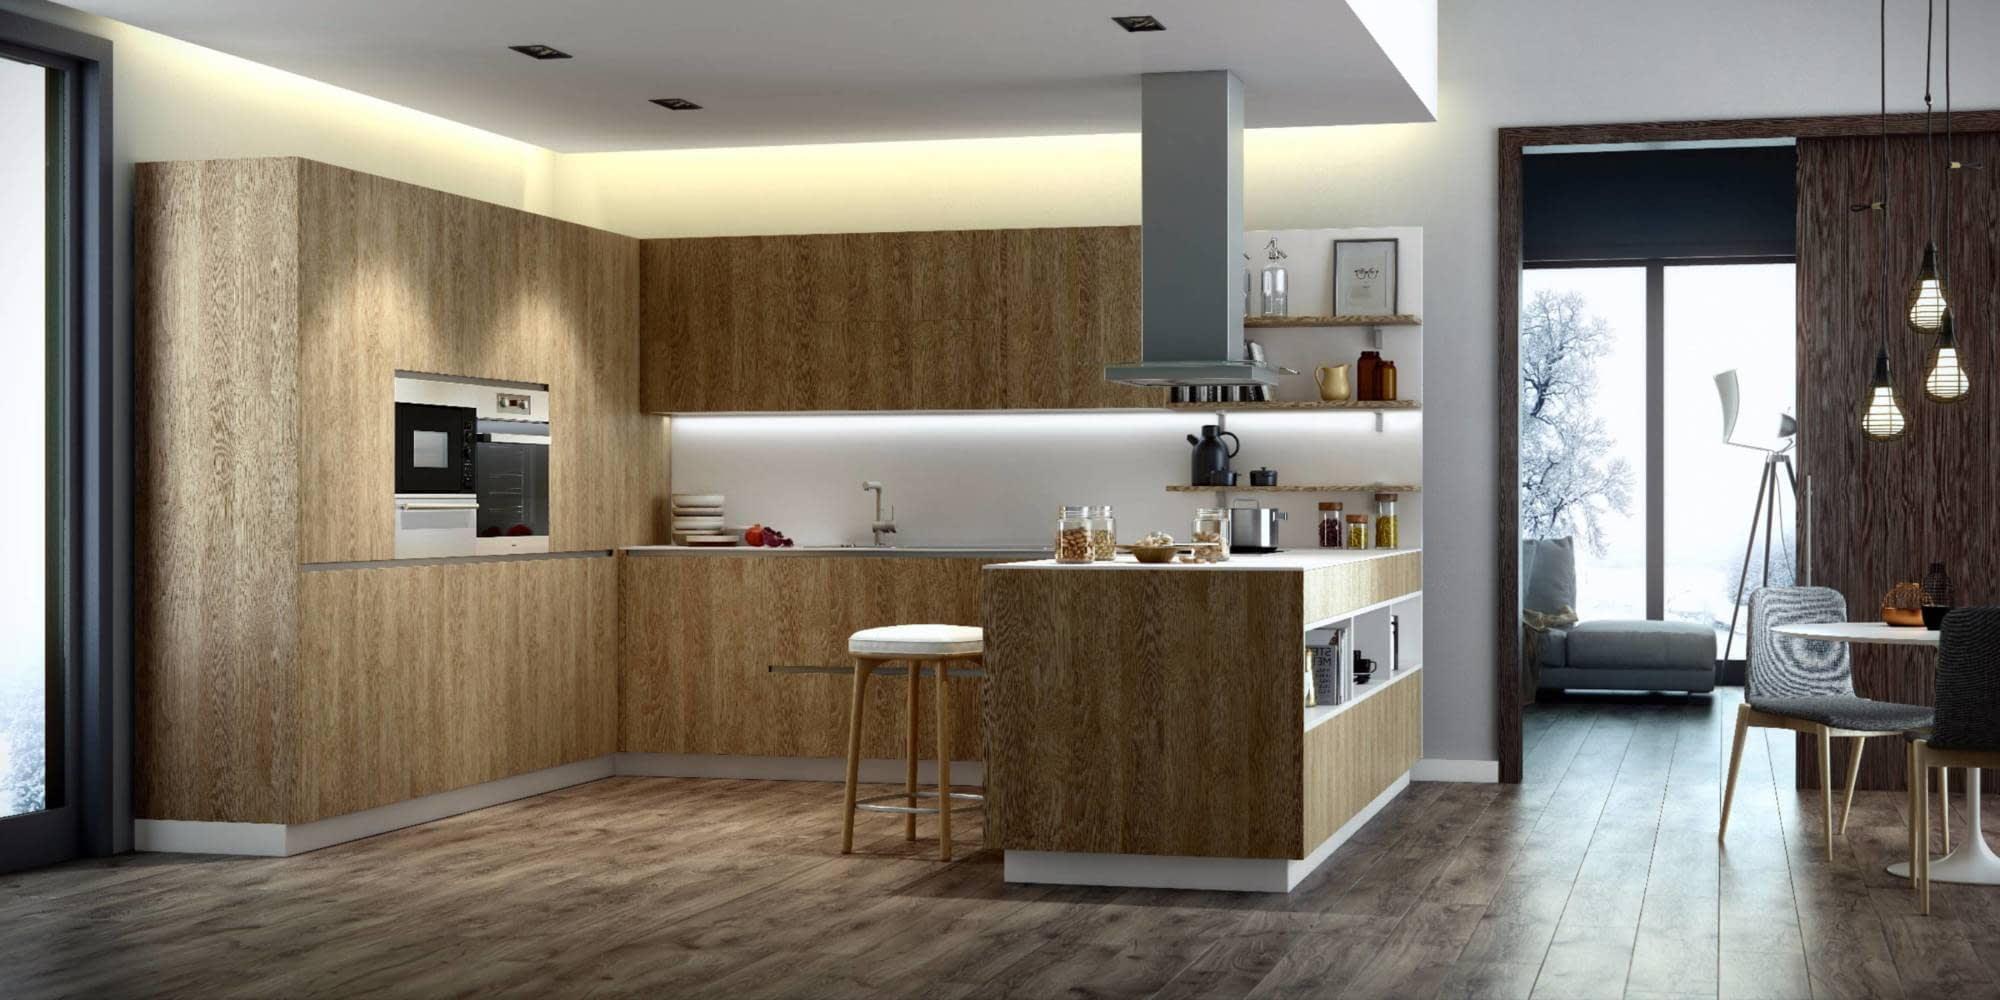 Magnífico Cocinas A Medida Nyc Ideas Ornamento Elaboración ...